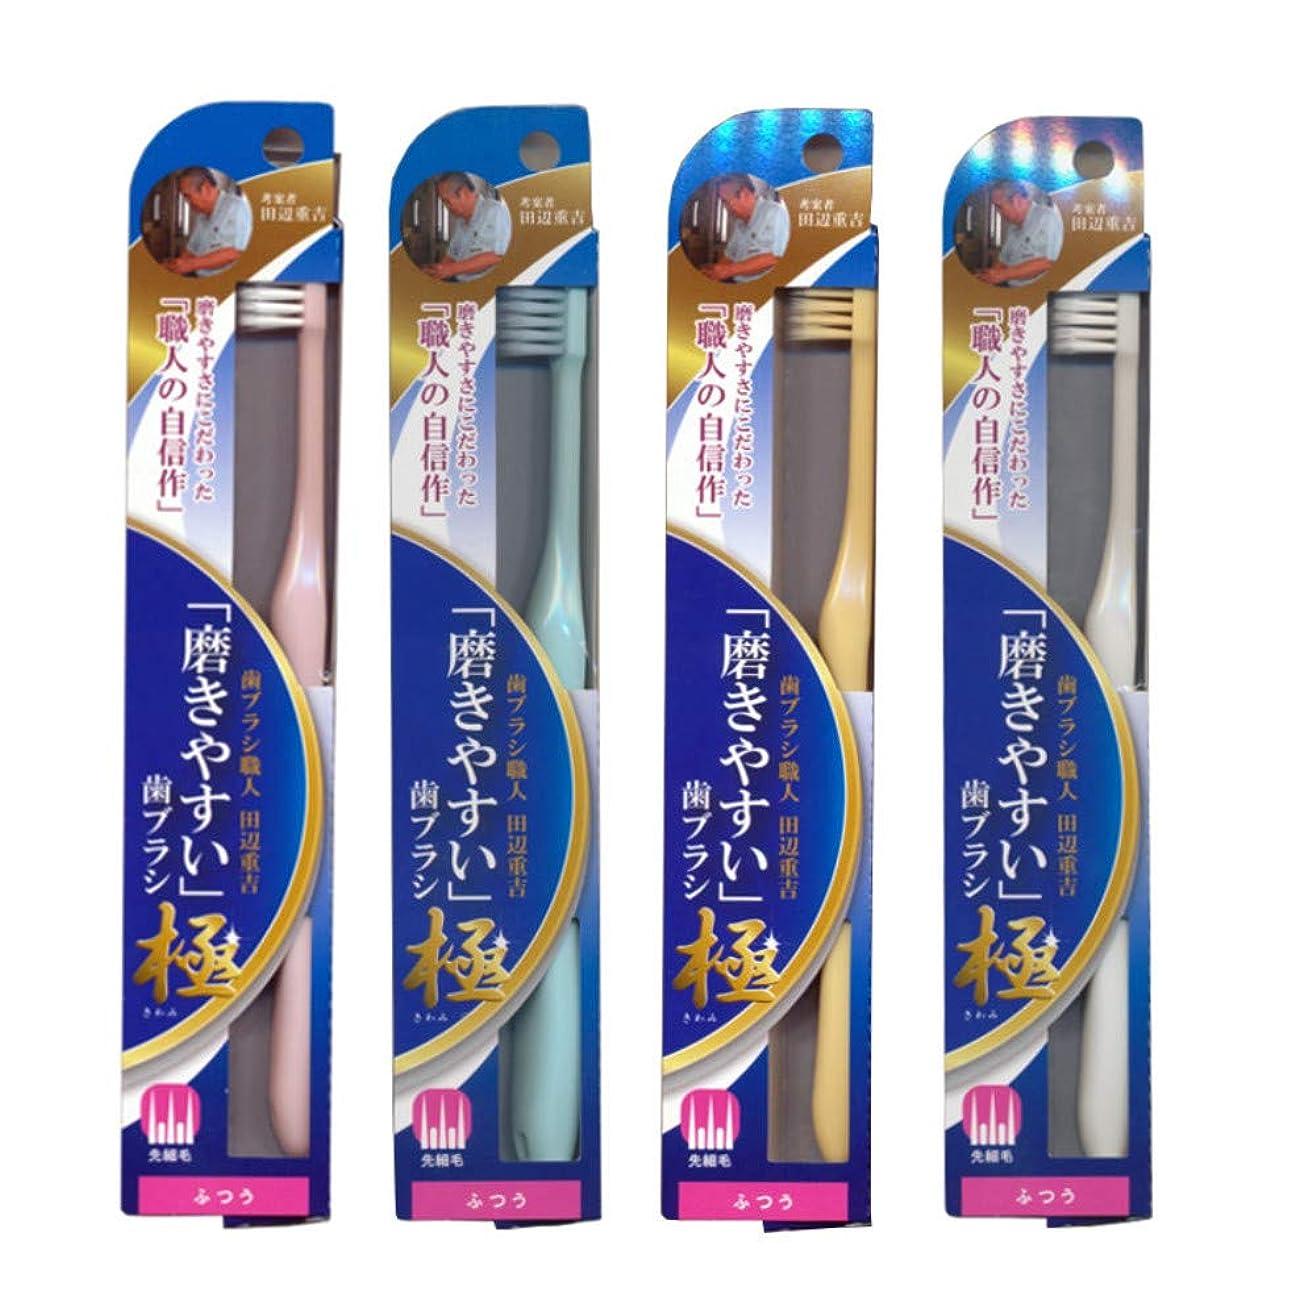 ウェイターかすかな塩辛い磨きやすい歯ブラシ極 (ふつう) LT-44×4本セット(ピンク×1、ブルー×1、ホワイト×1、イエロー×1)先細毛